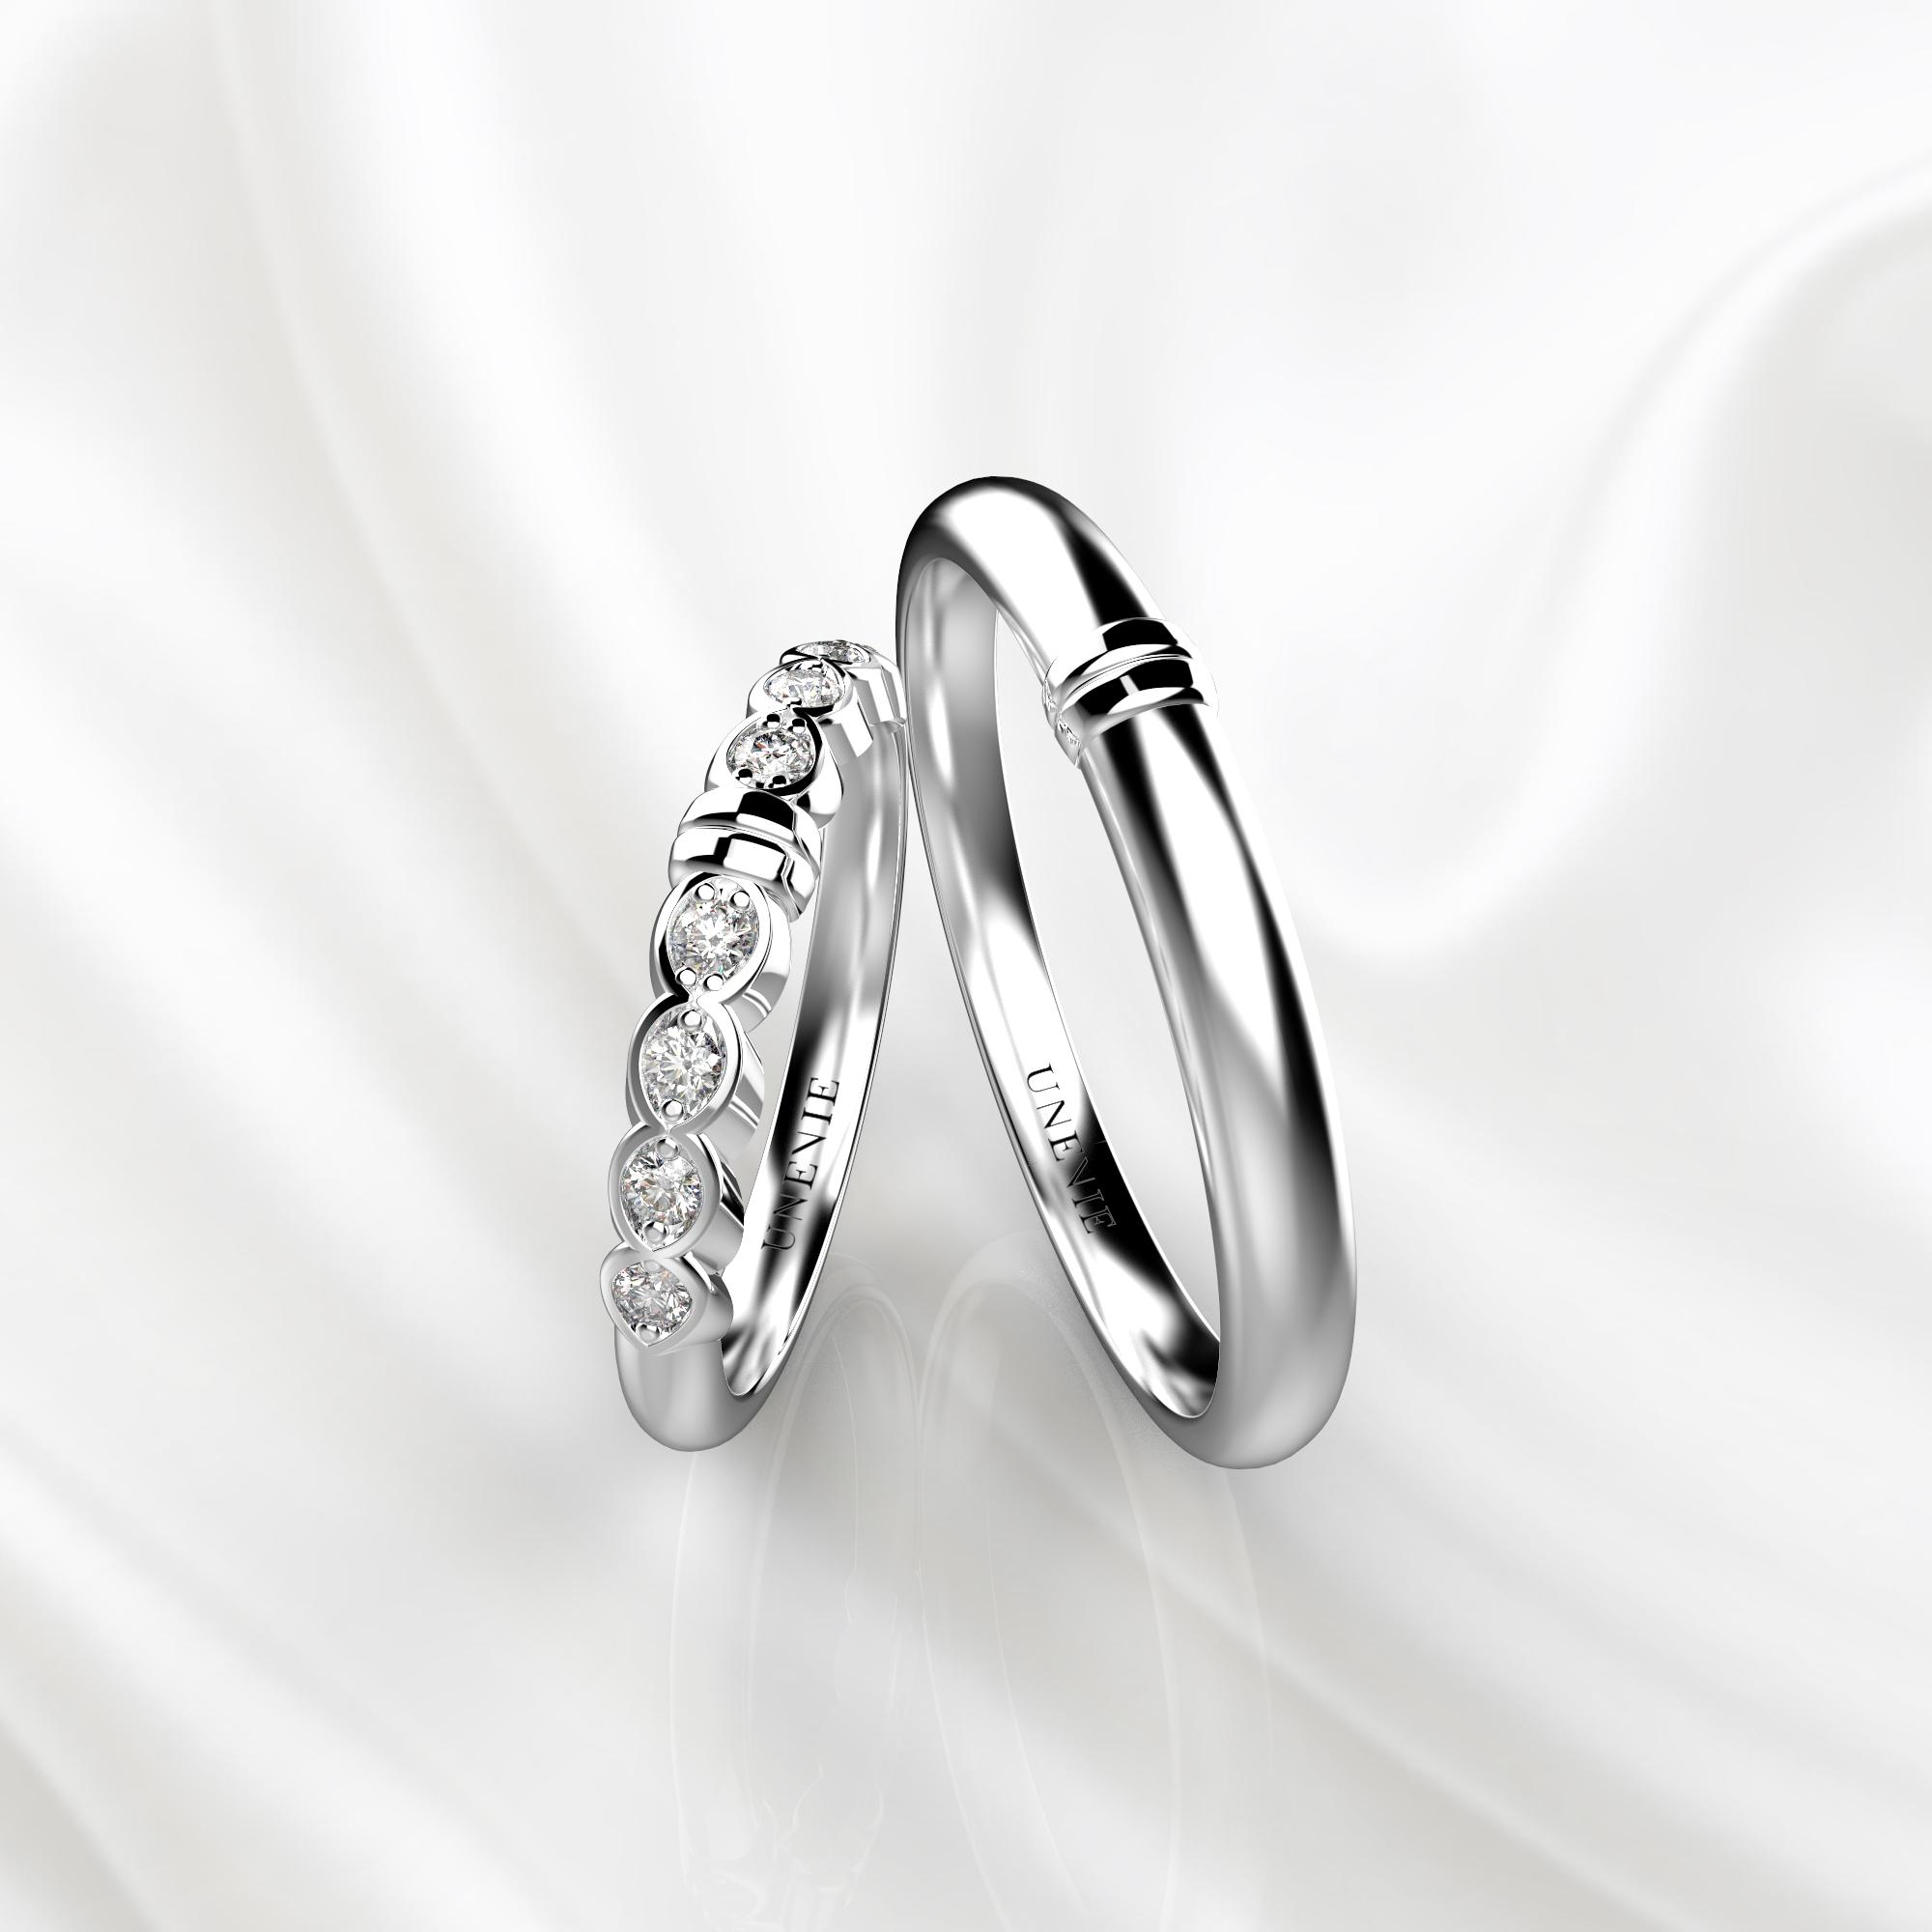 NV36 Обручальные кольца из белого золота с бриллиантами